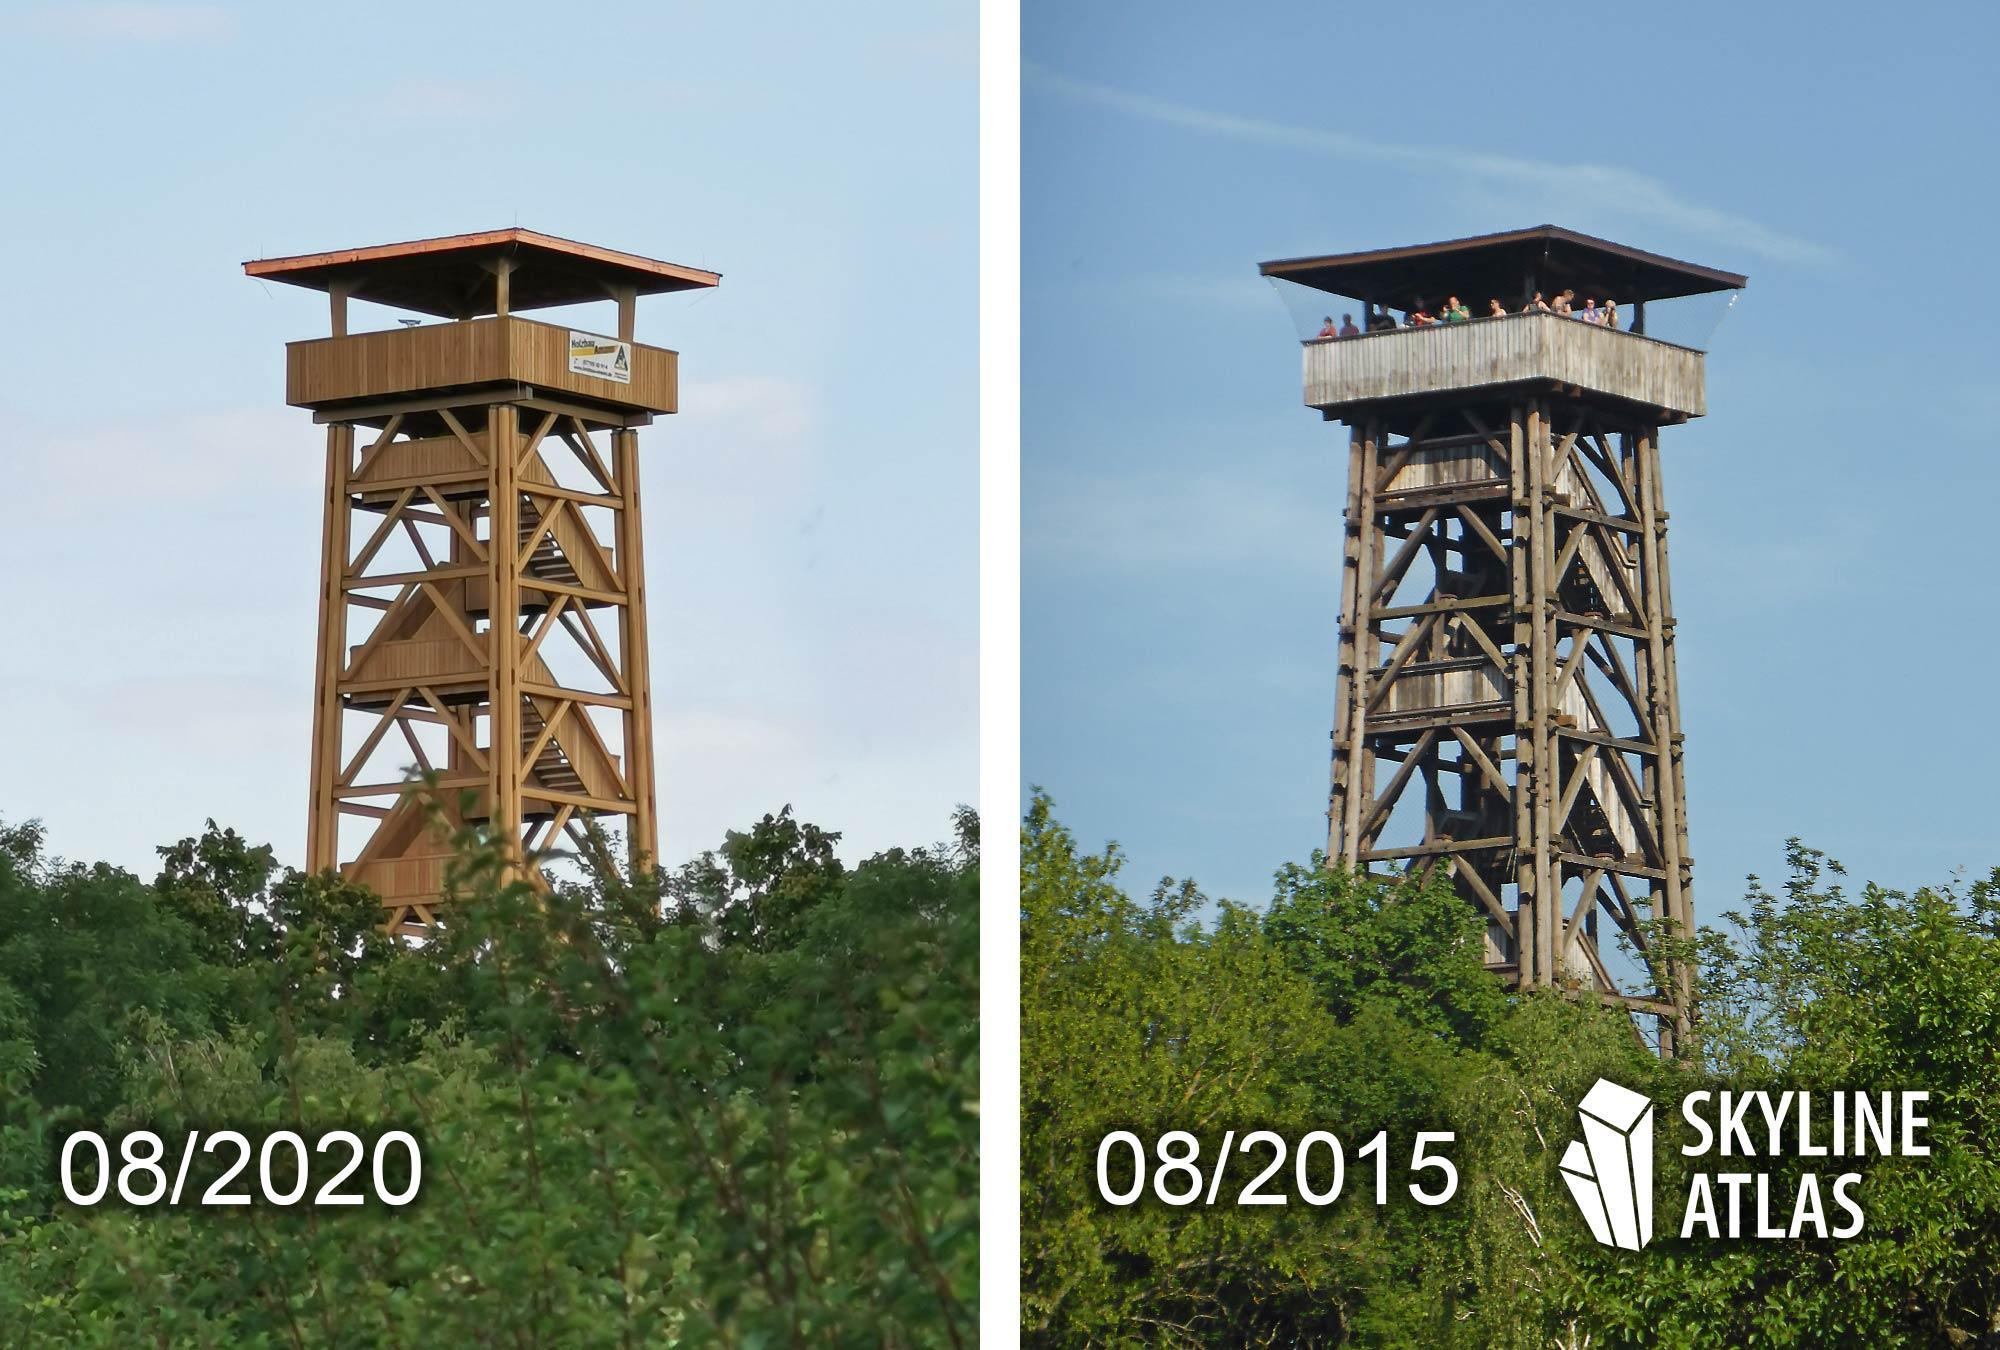 Goetheturm Neubau vs Goetheturm Altbau - neu vs alt - früher vs heute